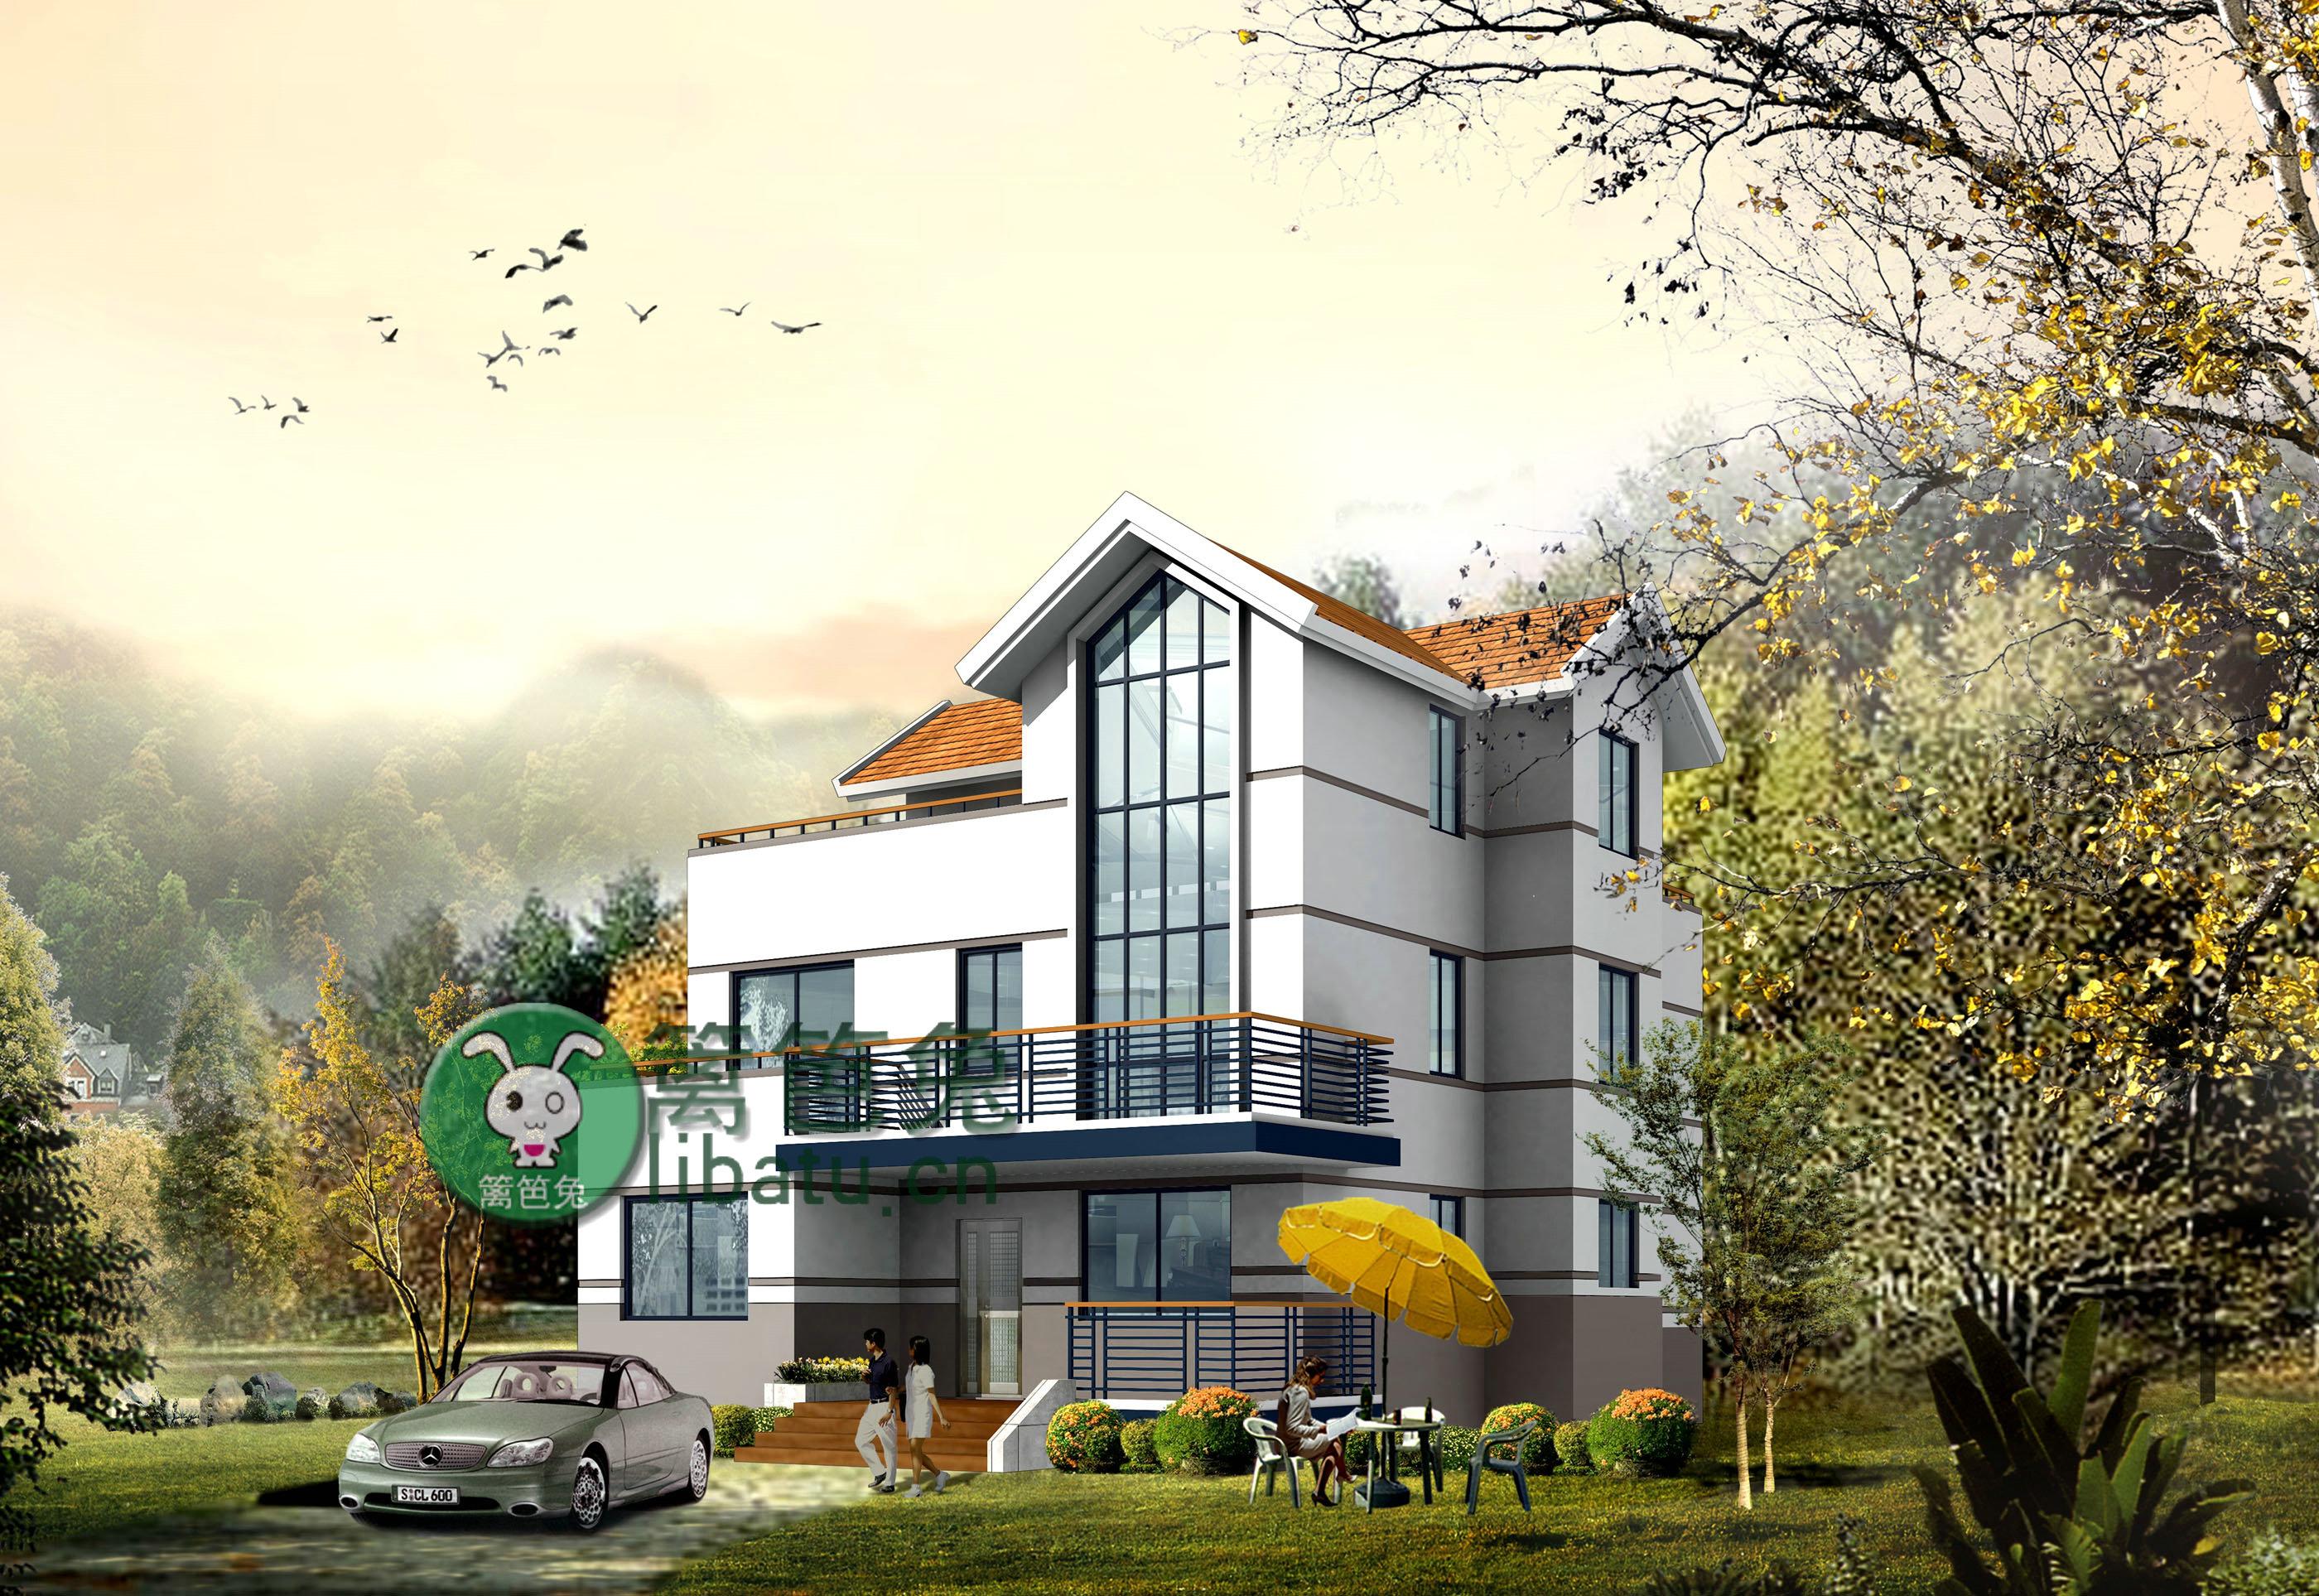 小公司农村展示设计图分享_设计图建筑房地产户型项目设计部后期工作总结图片